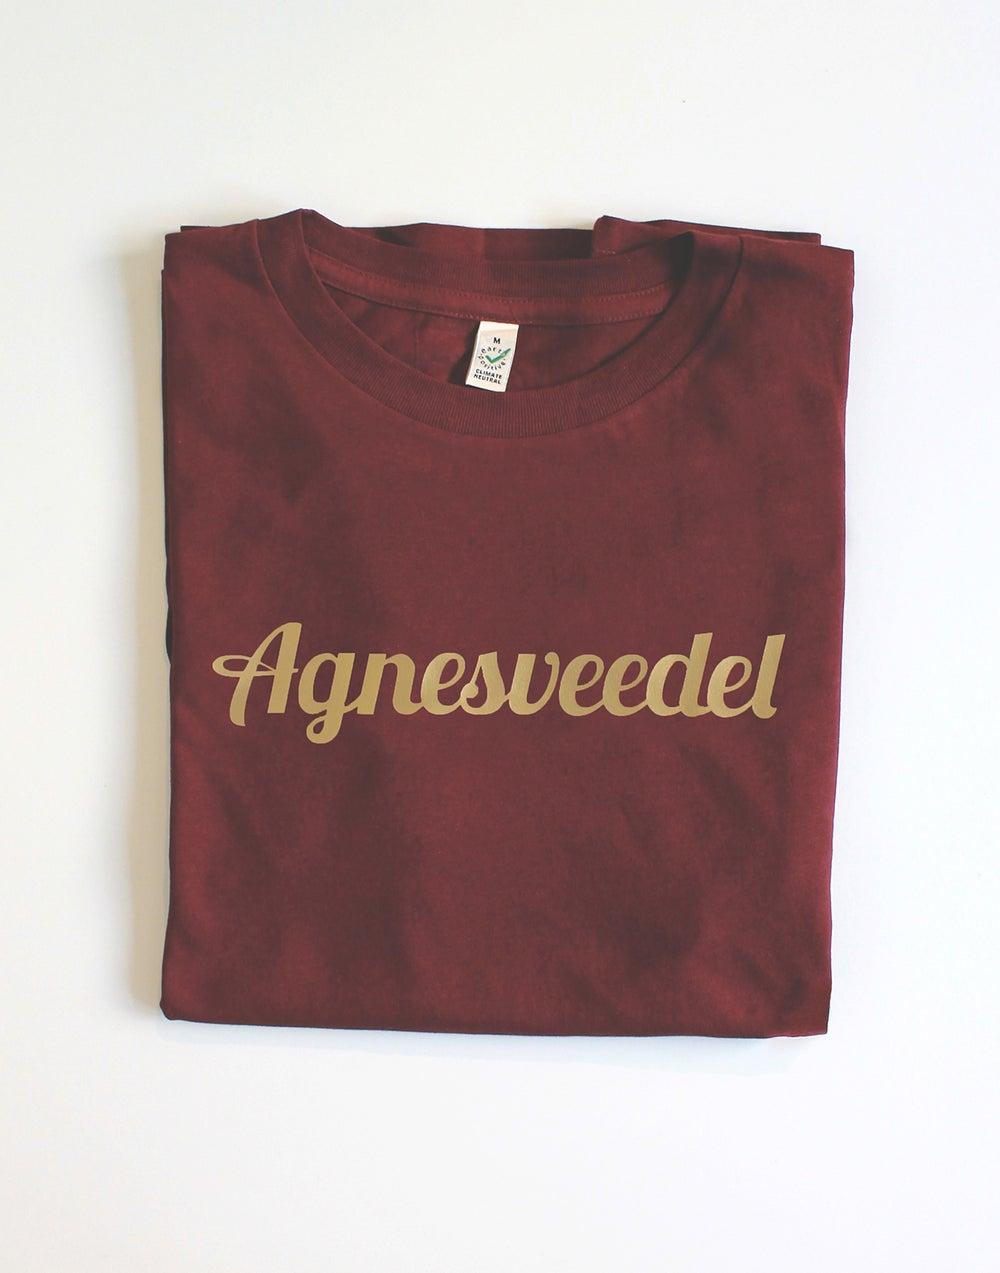 Image of Agnesveedel